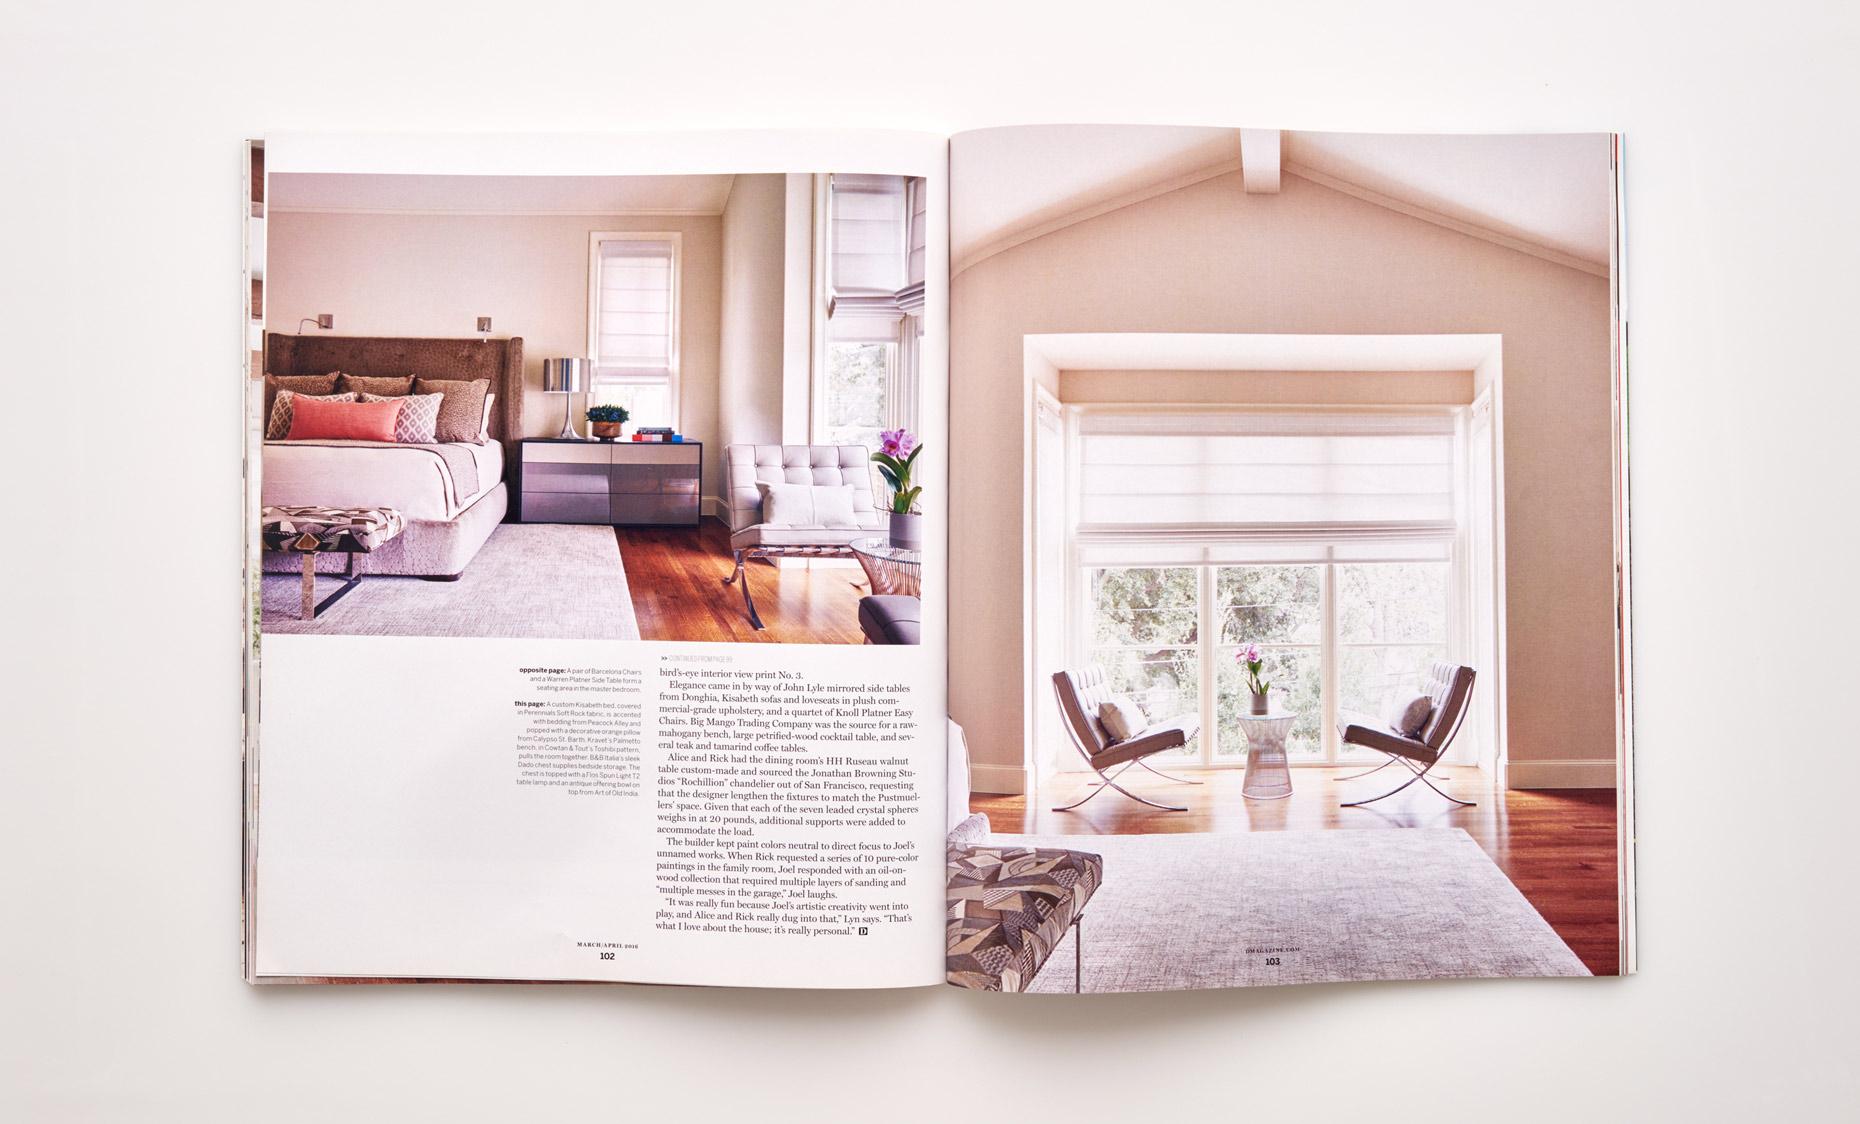 Stephen Karlisch D Home Artist In Master Bedroom